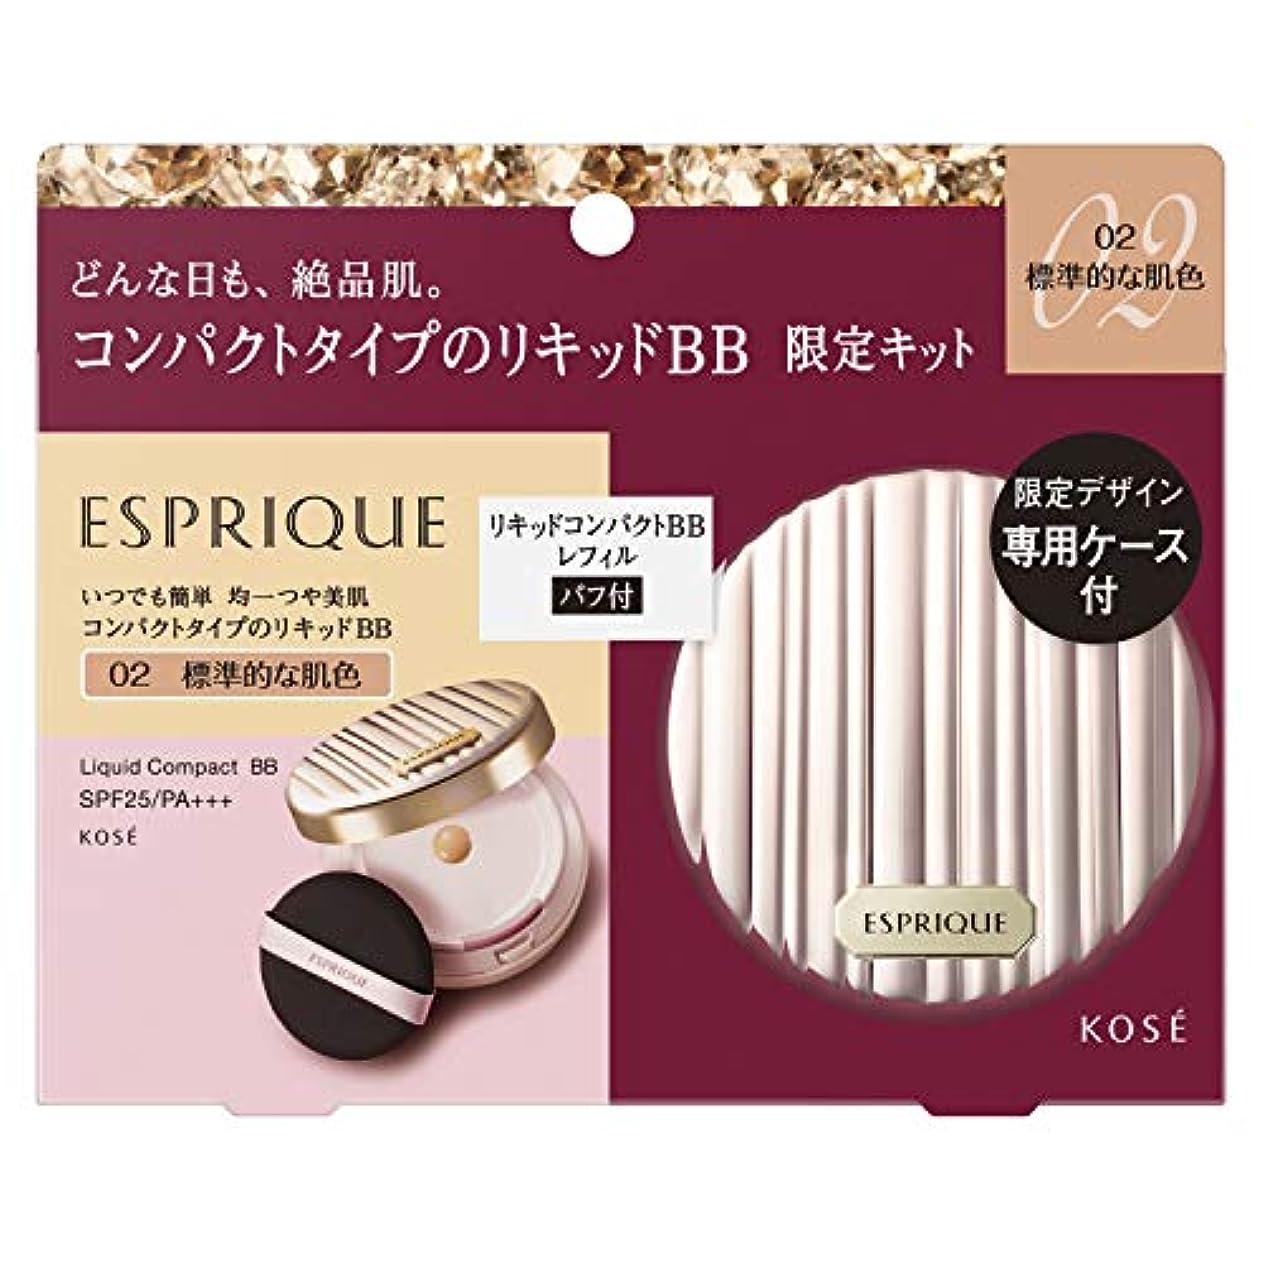 中傷きらめくバターESPRIQUE(エスプリーク) エスプリーク リキッド コンパクト BB 限定キット 2 BBクリーム 02 標準的な肌色 セット 13g+ケース付き